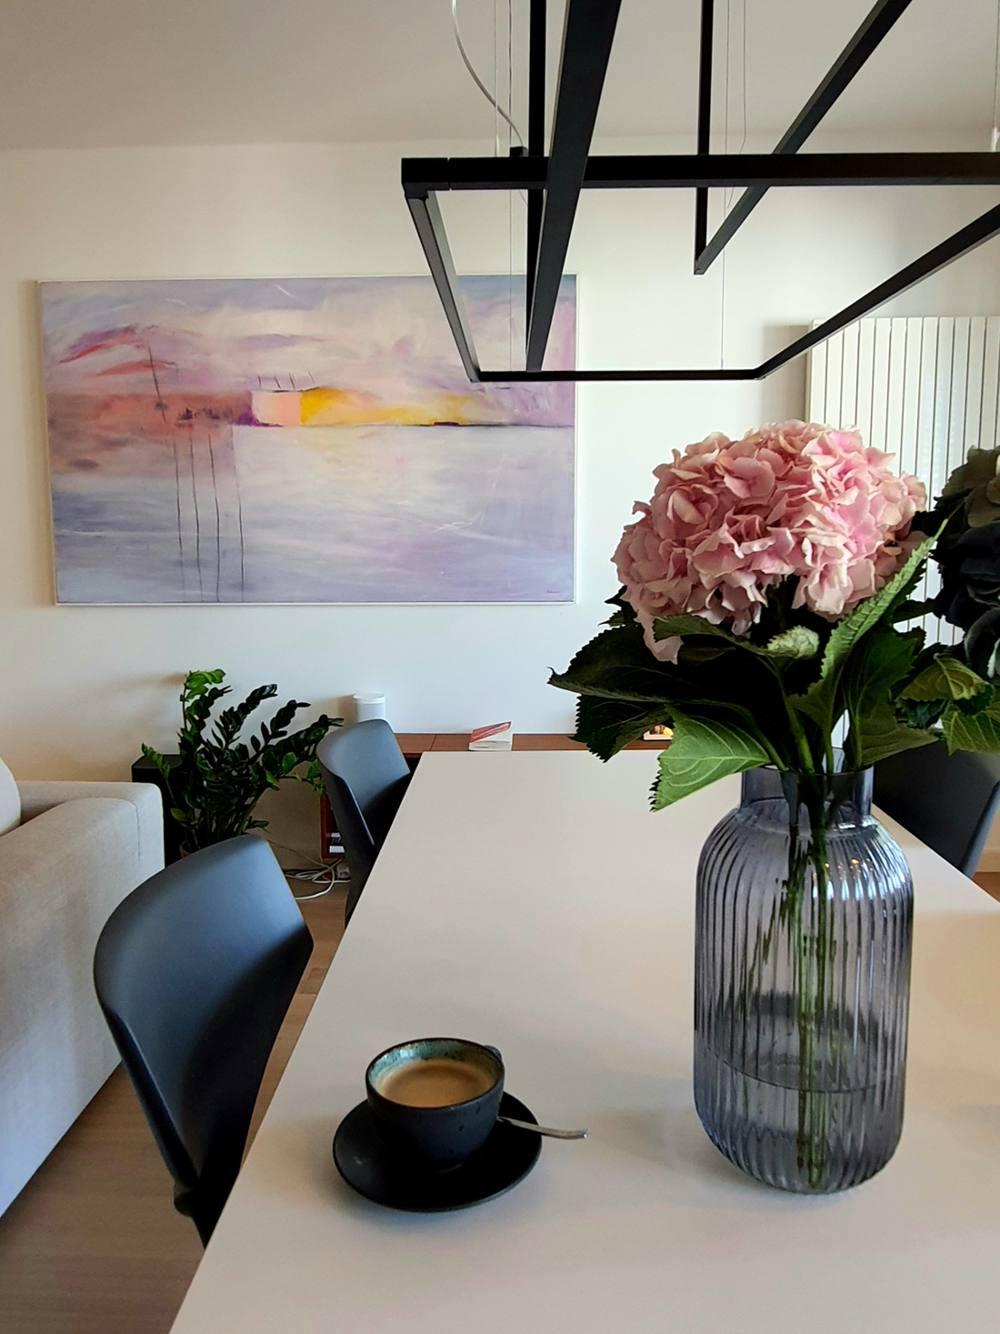 Cvijeće u vazi, kava na stolu i pogled na veliku apstraktnu sliku Ajdinović Ranka u Zagrebu